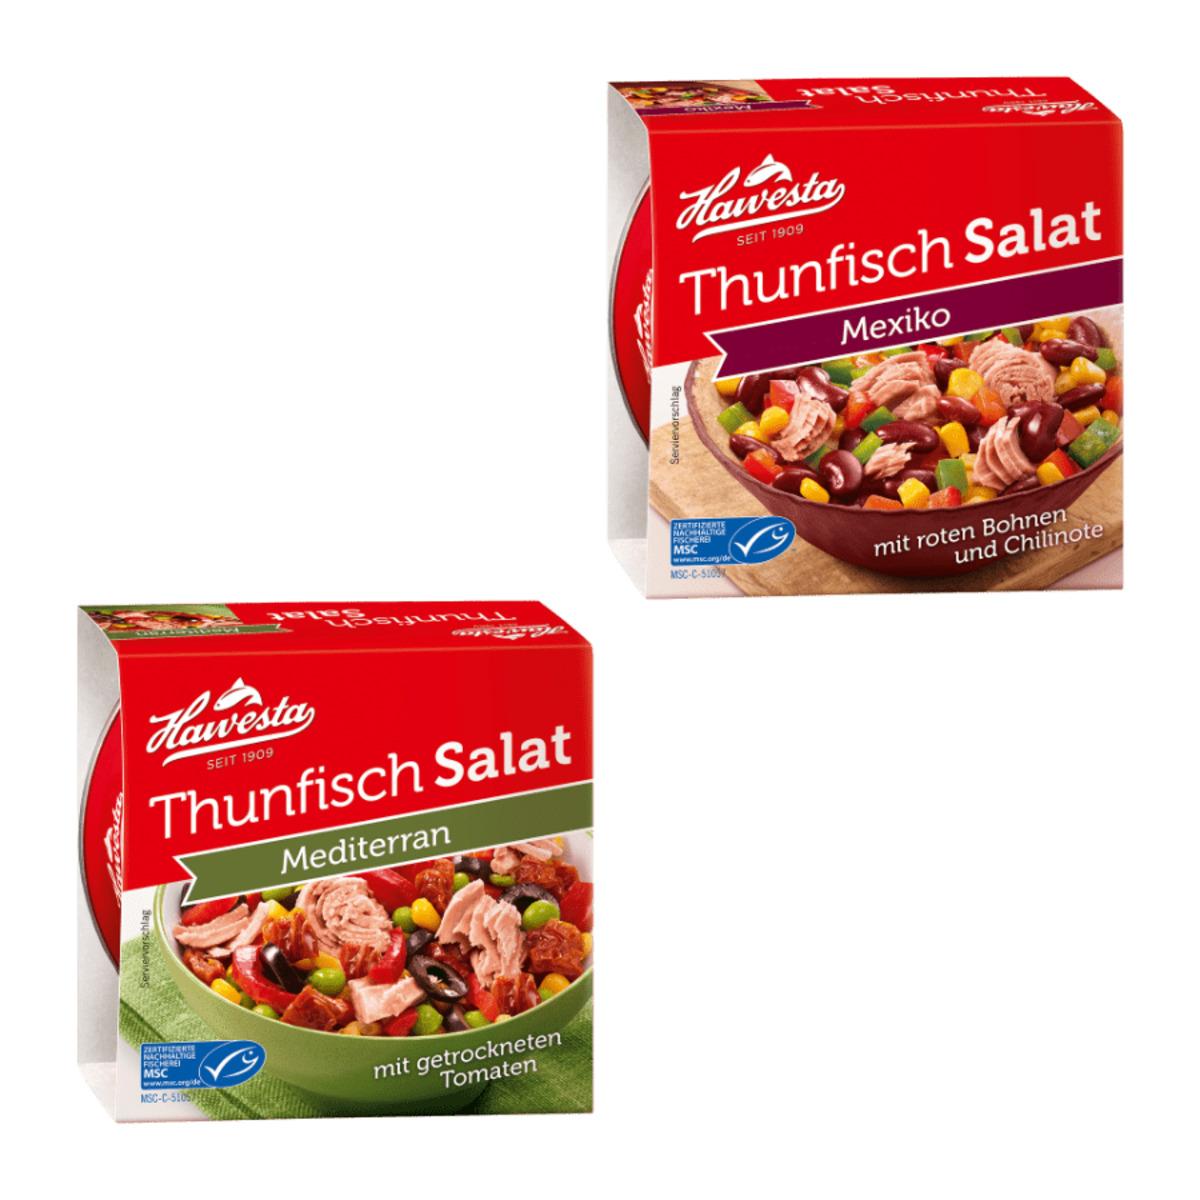 Bild 1 von HAWESTA     Thunfisch Salat